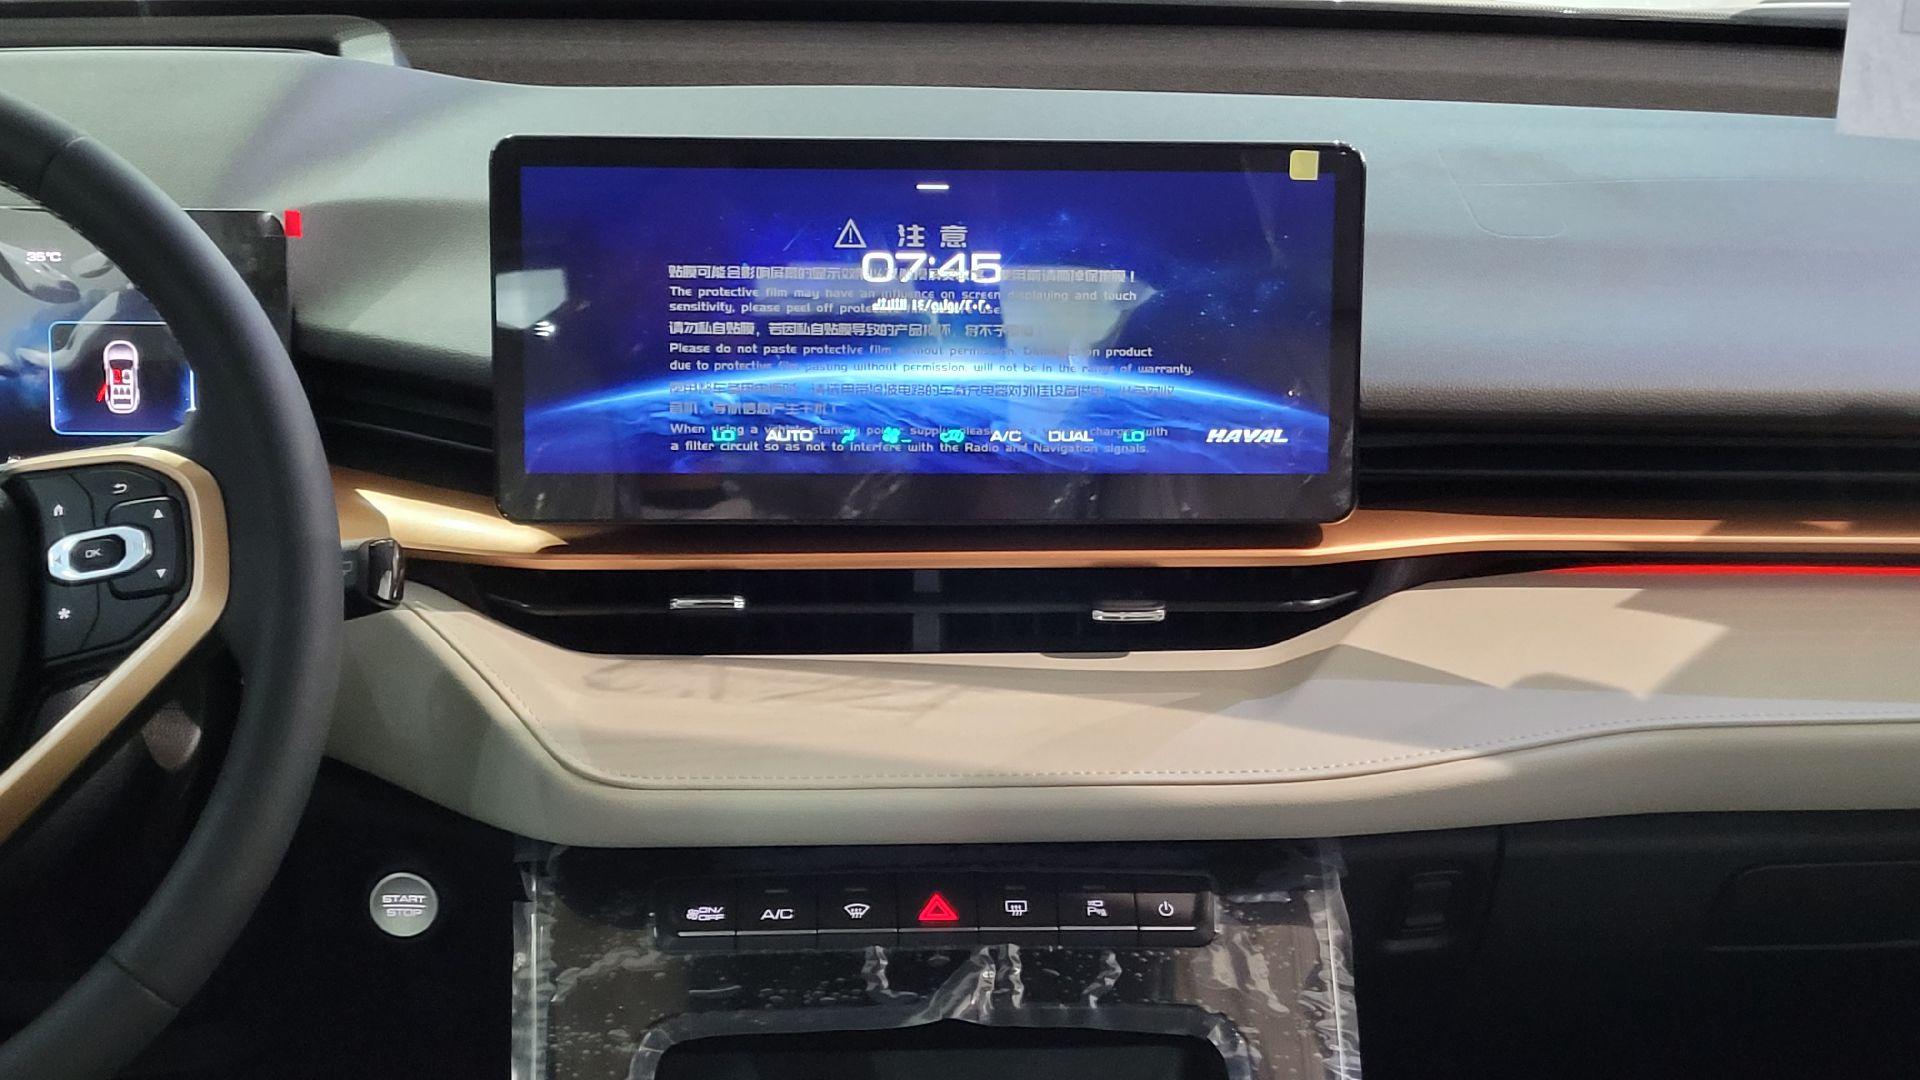 مباع - هافال H6 الشكل الجديد Premium 2022 فل سعودي للبيع في الرياض - السعودية - صورة كبيرة - 11